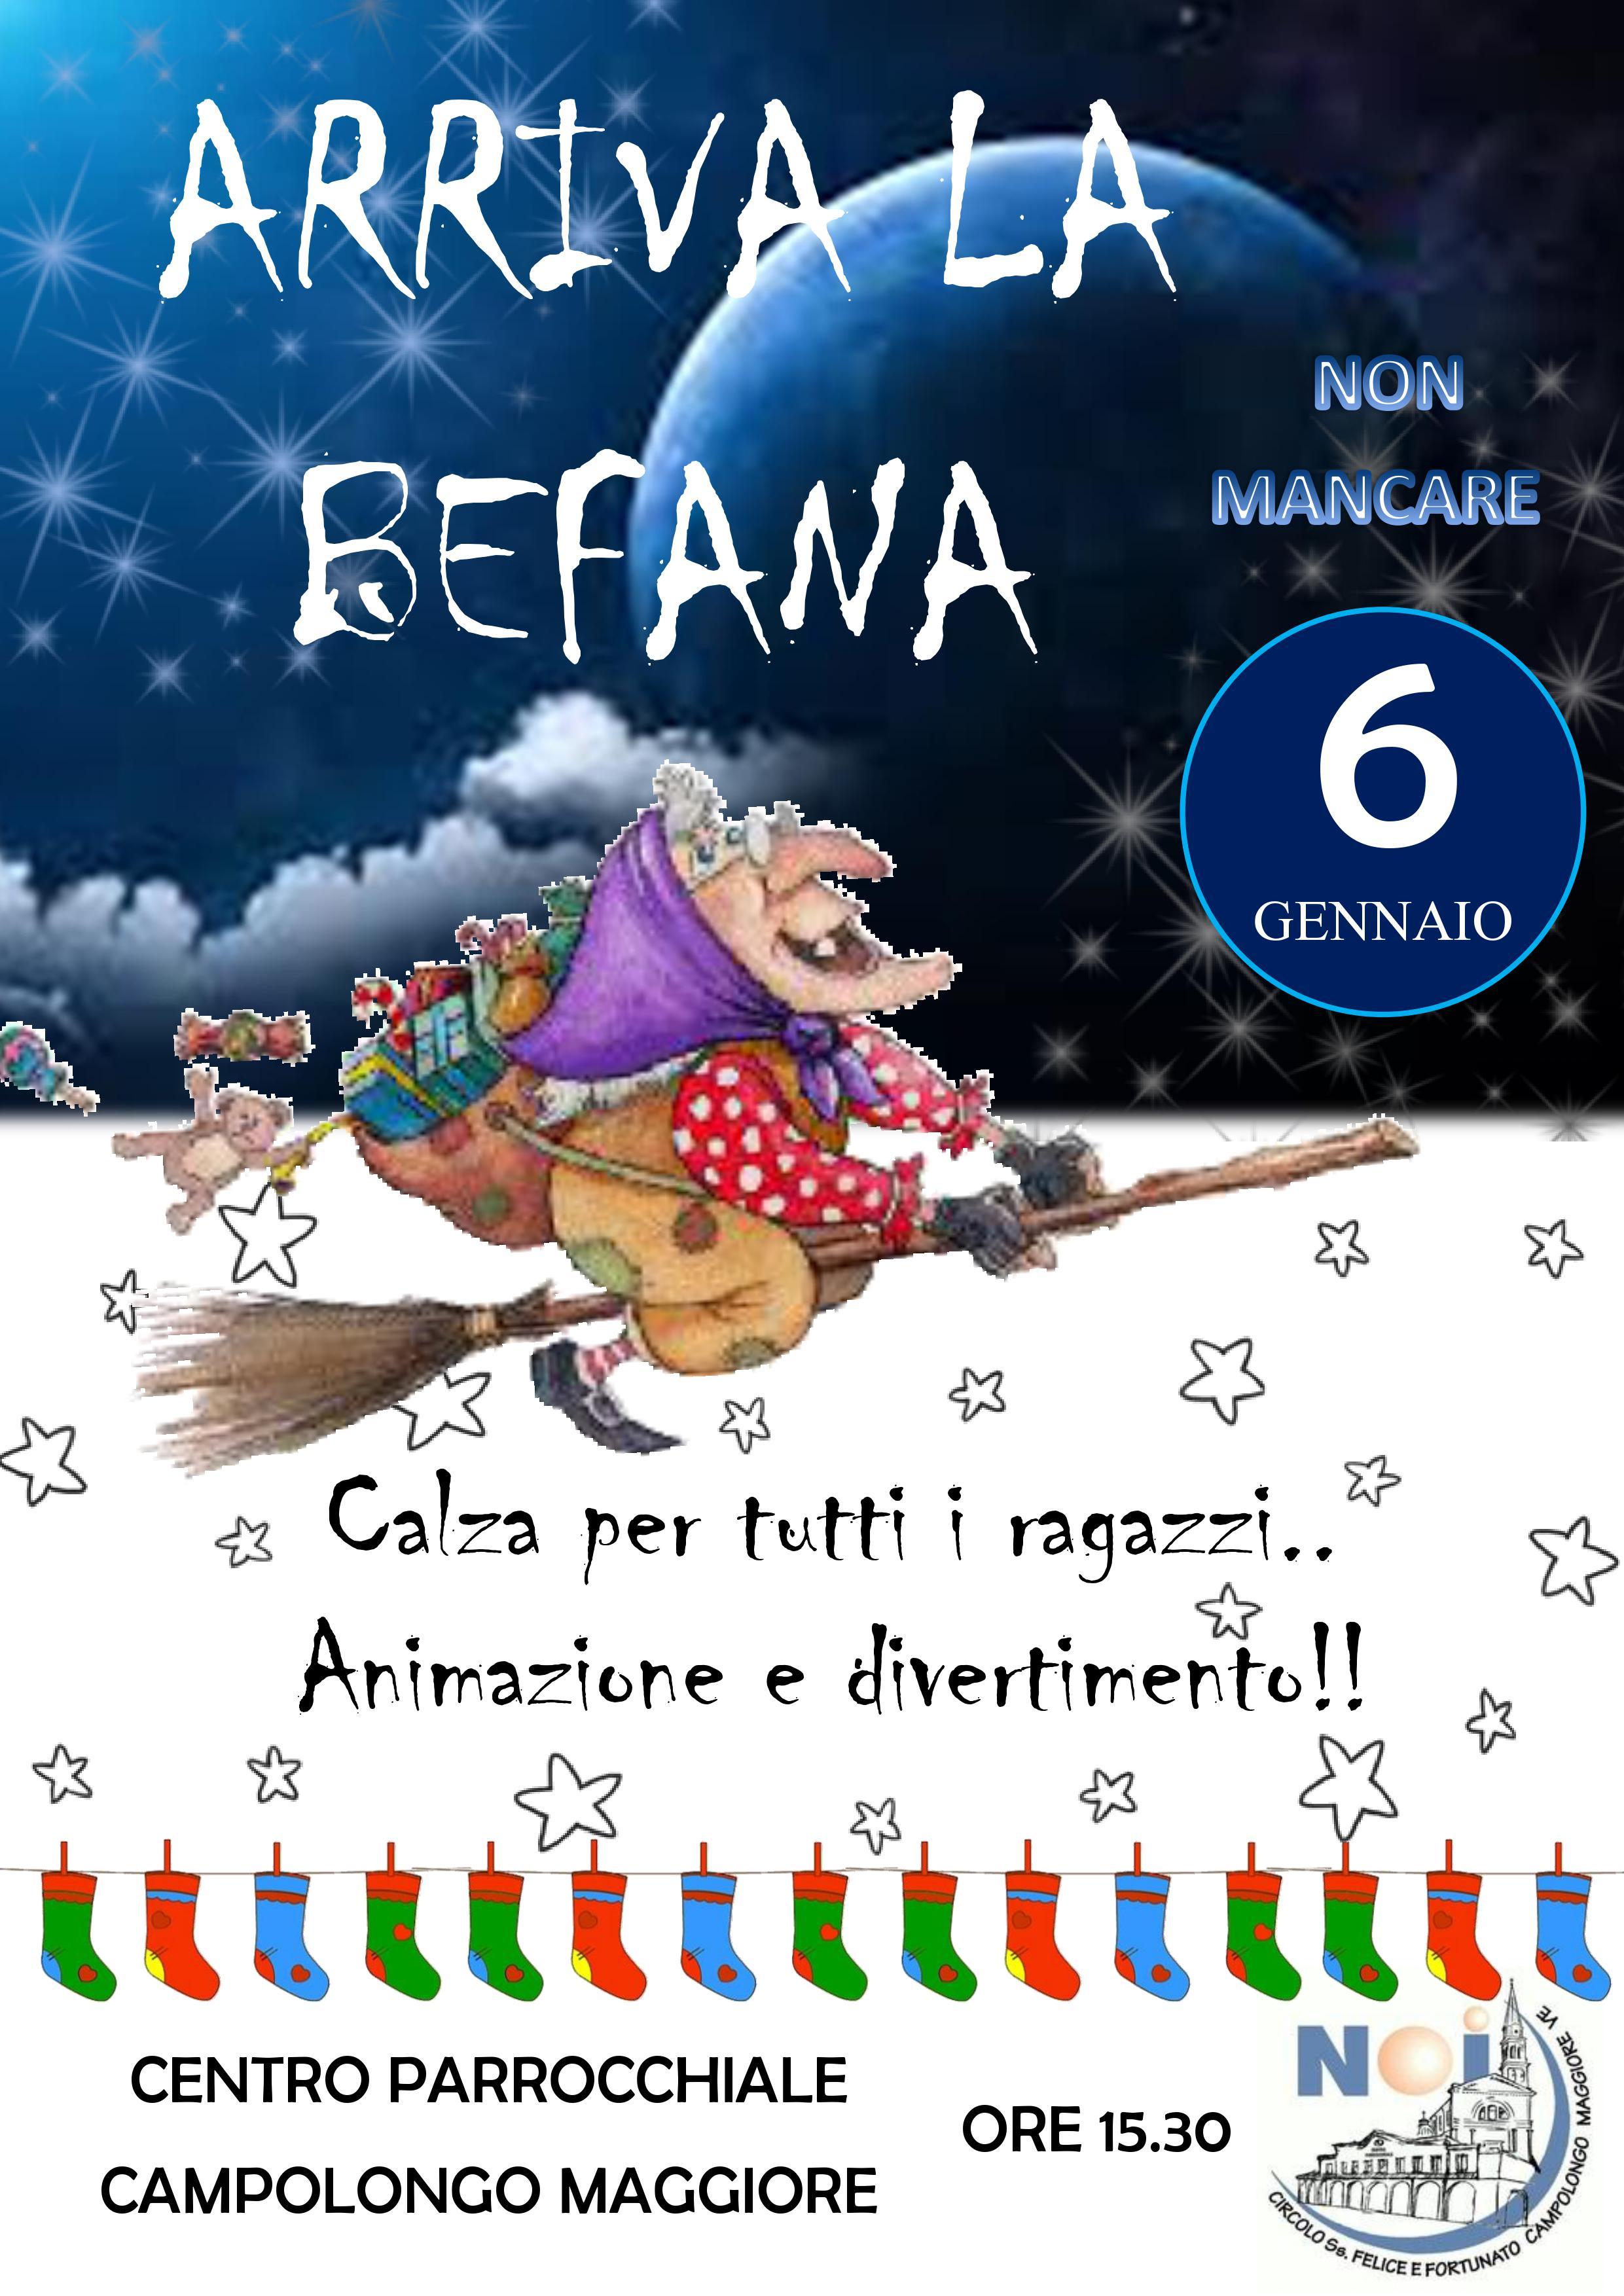 Arriva La Befana 6 Gennaio 2019 Parrocchia Di Campolongo Maggiore